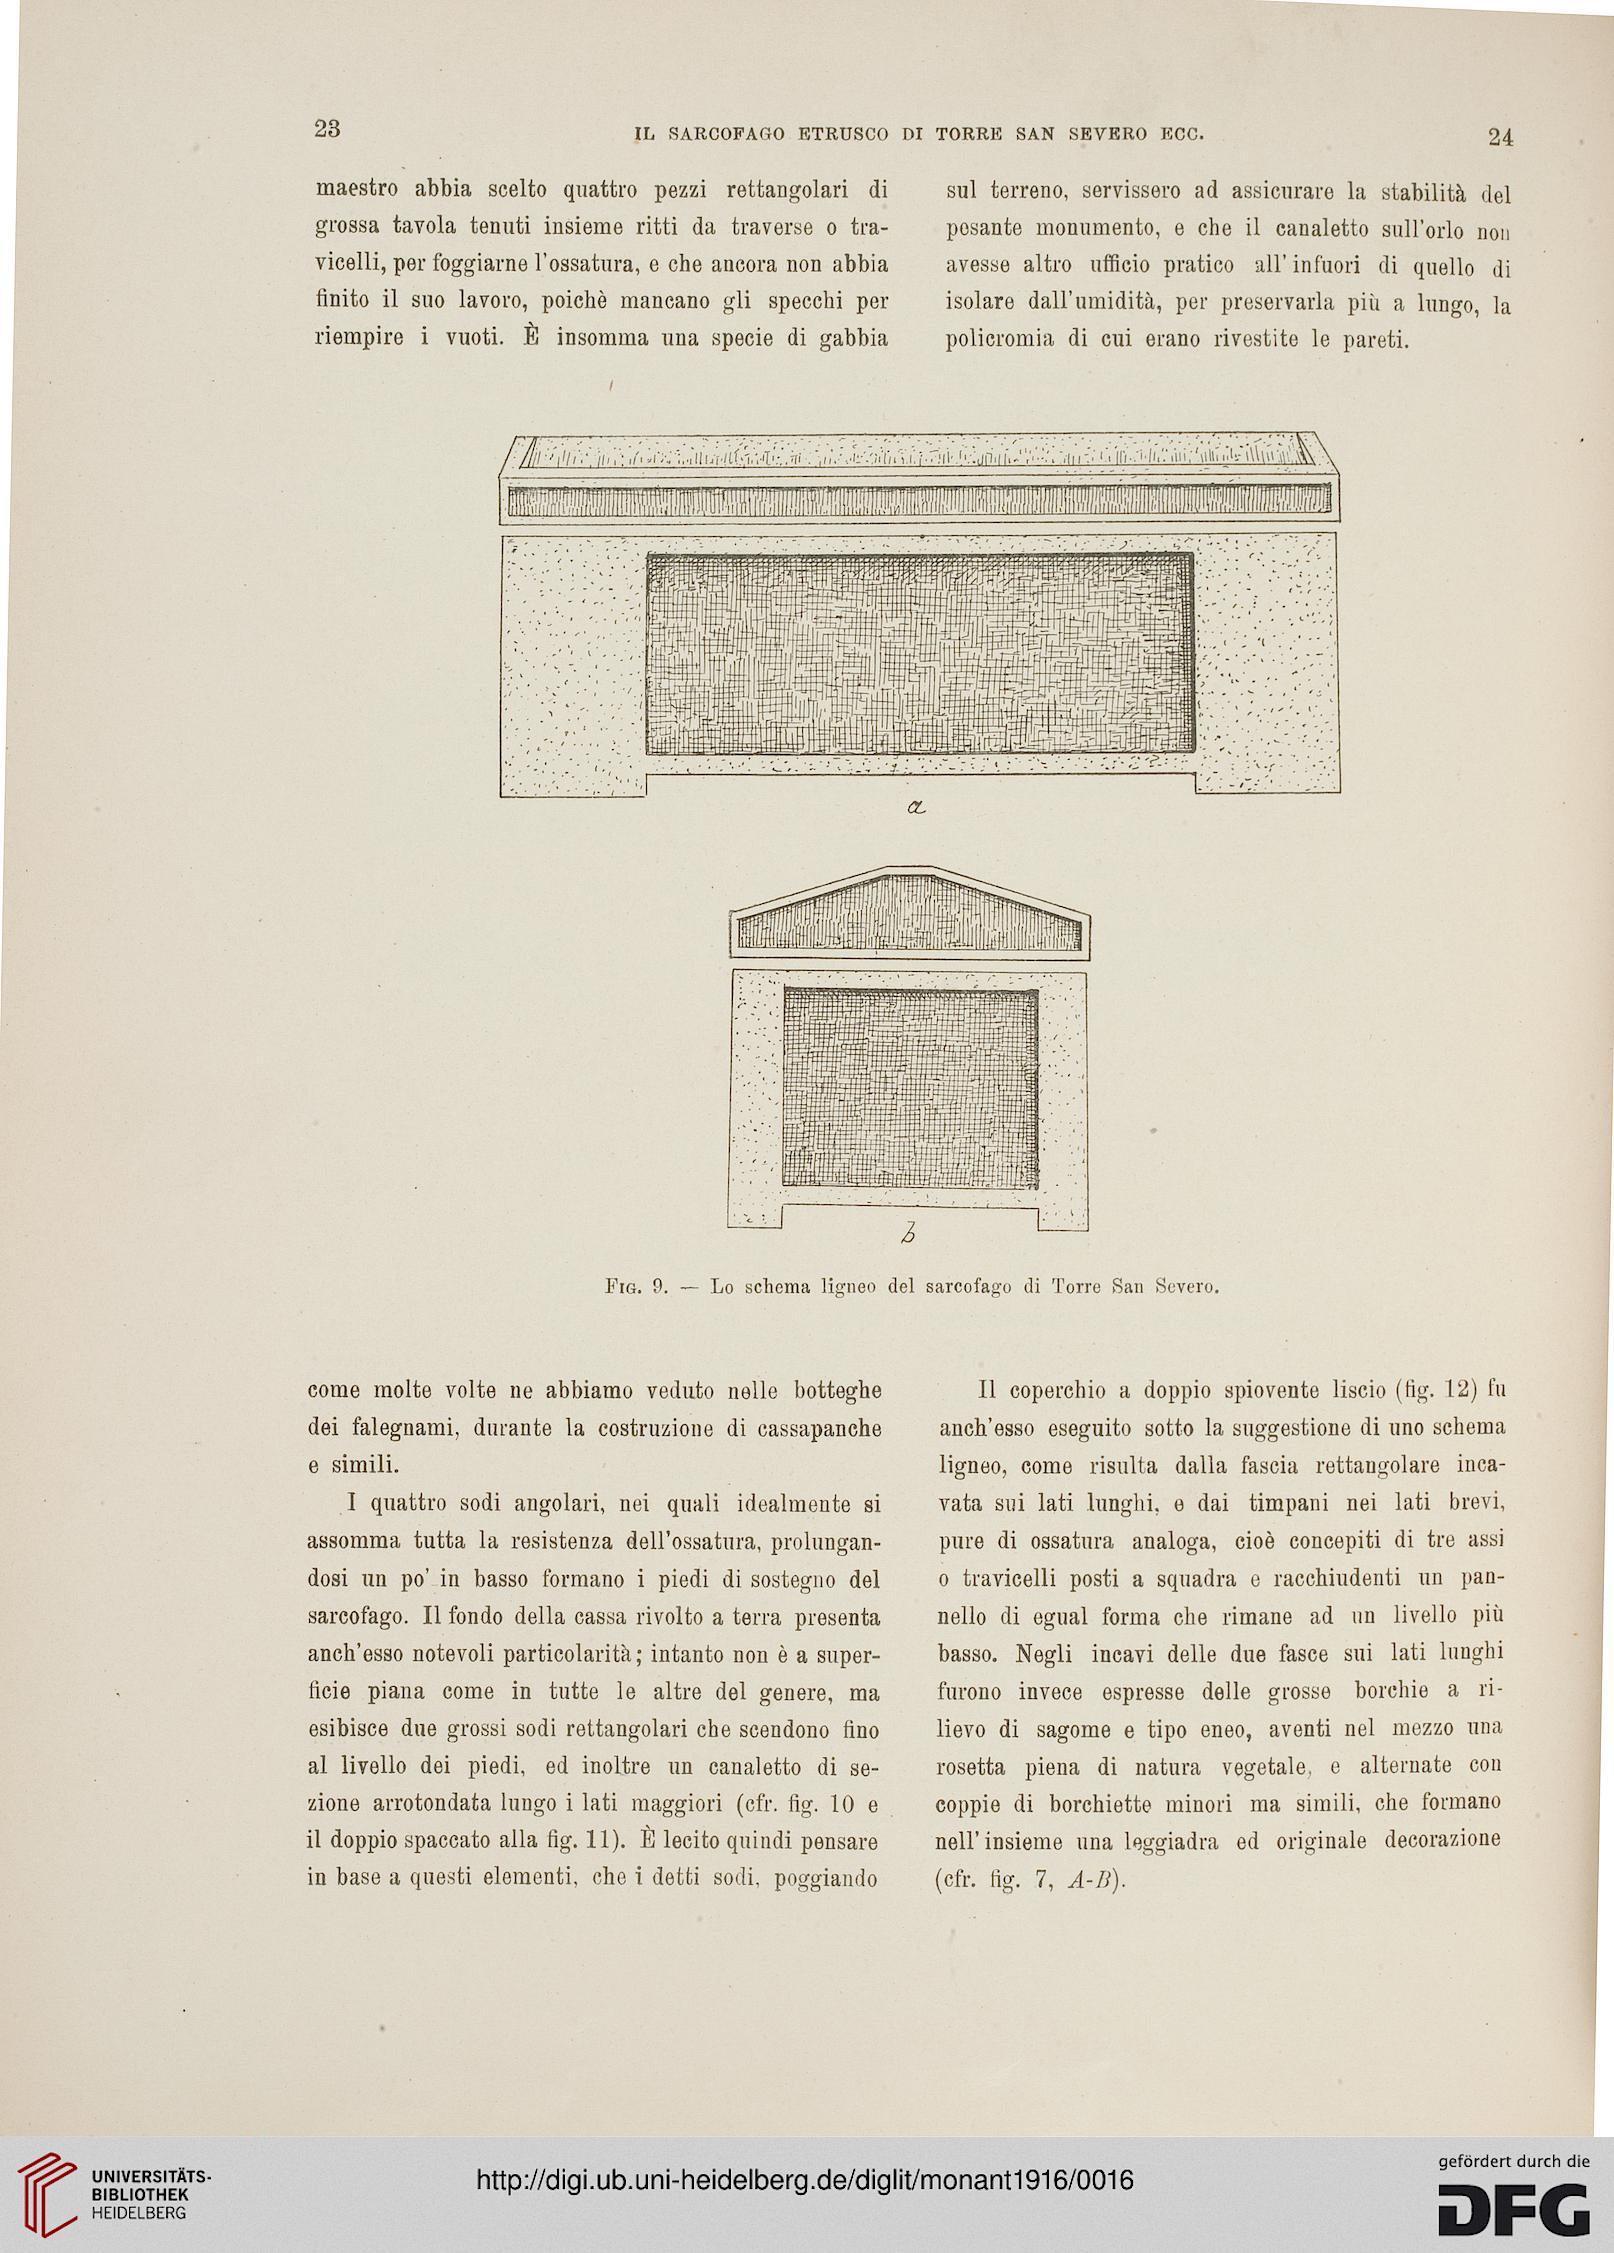 Sedile Imponente E Severo.Accademia Nazionale Dei Lincei Rom Hrsg Monumenti Antichi